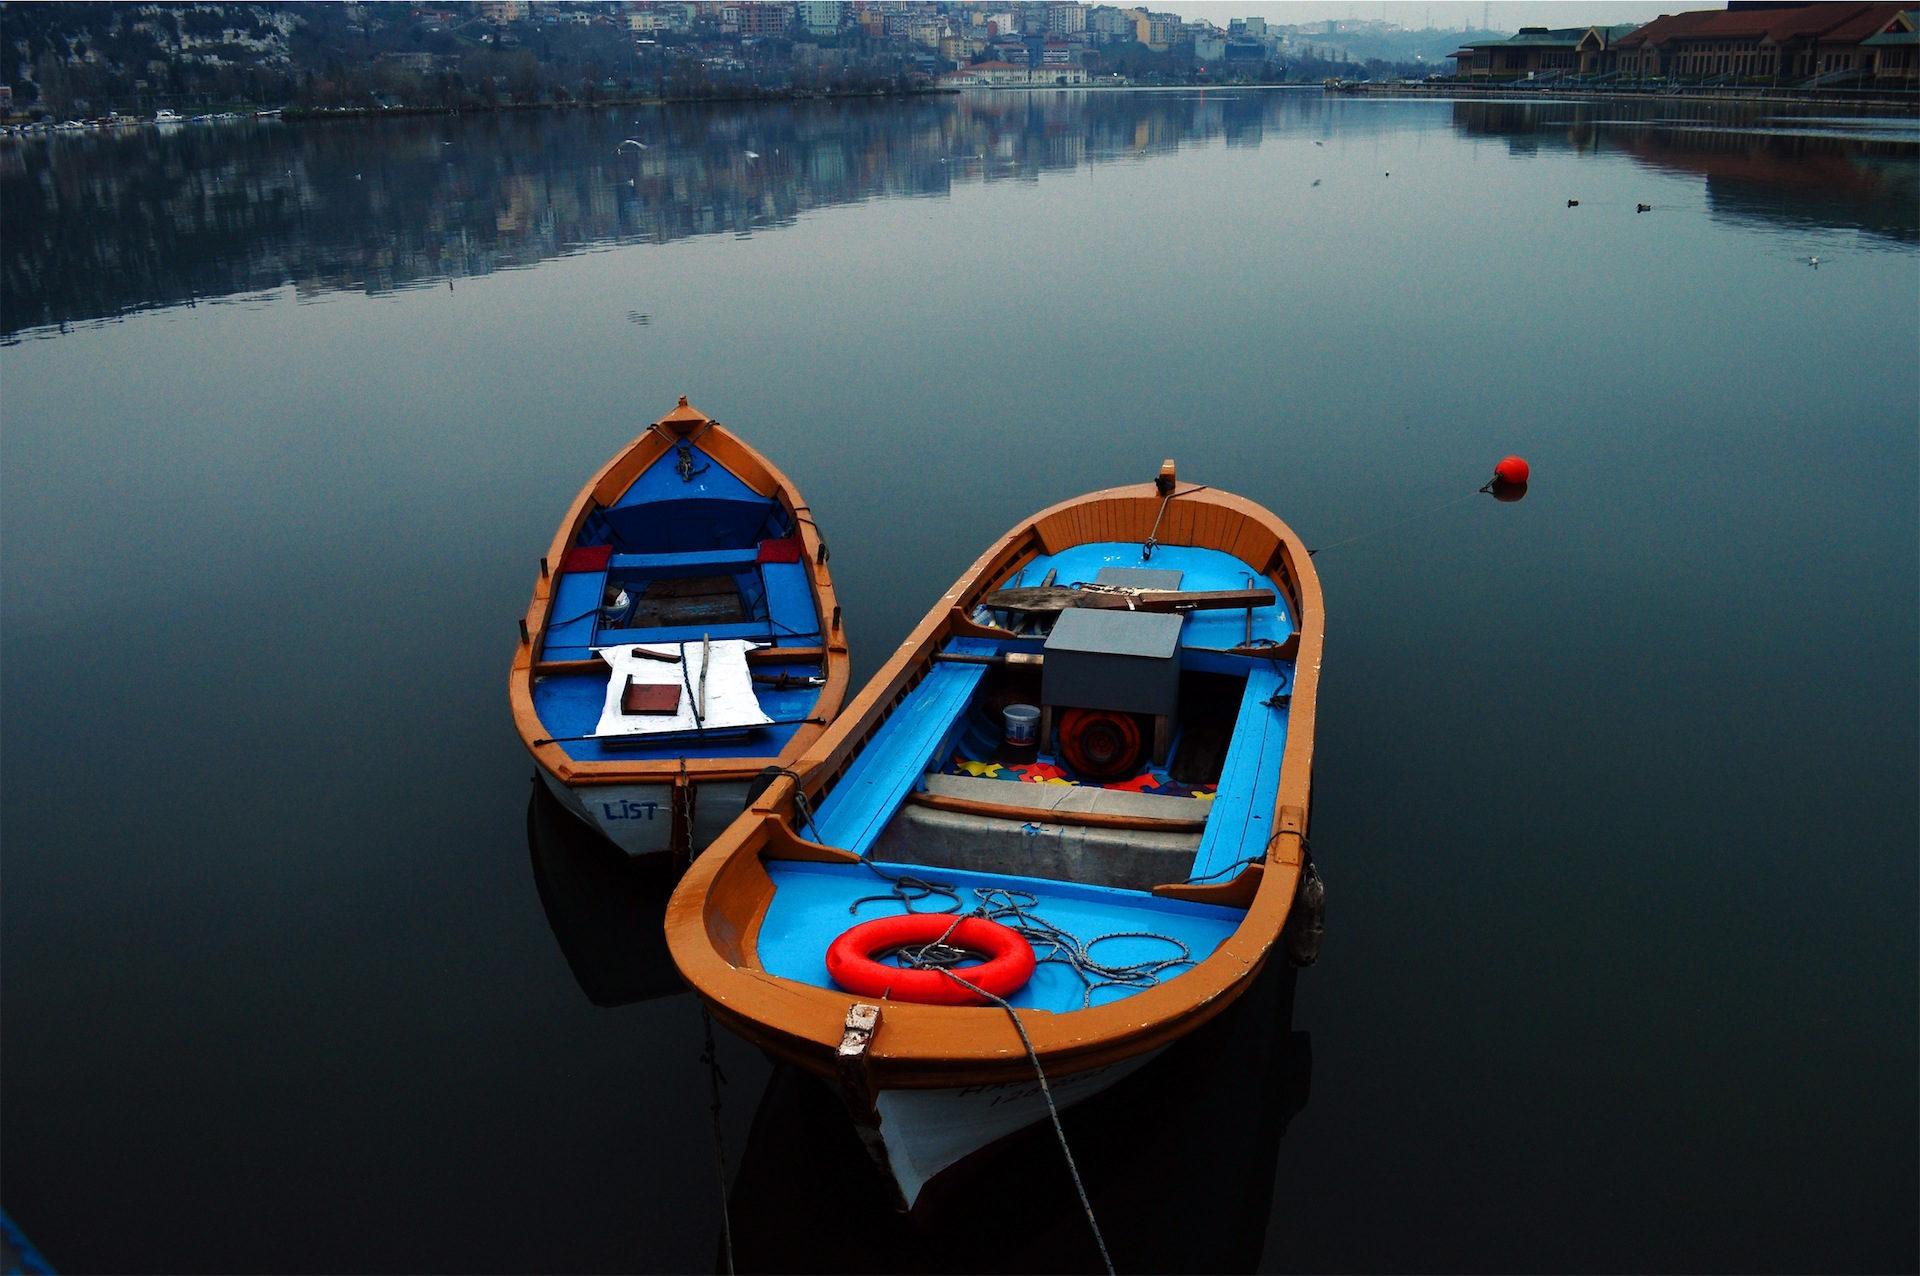 Barcos, Lago, rio, Cidade, amarração - Papéis de parede HD - Professor-falken.com